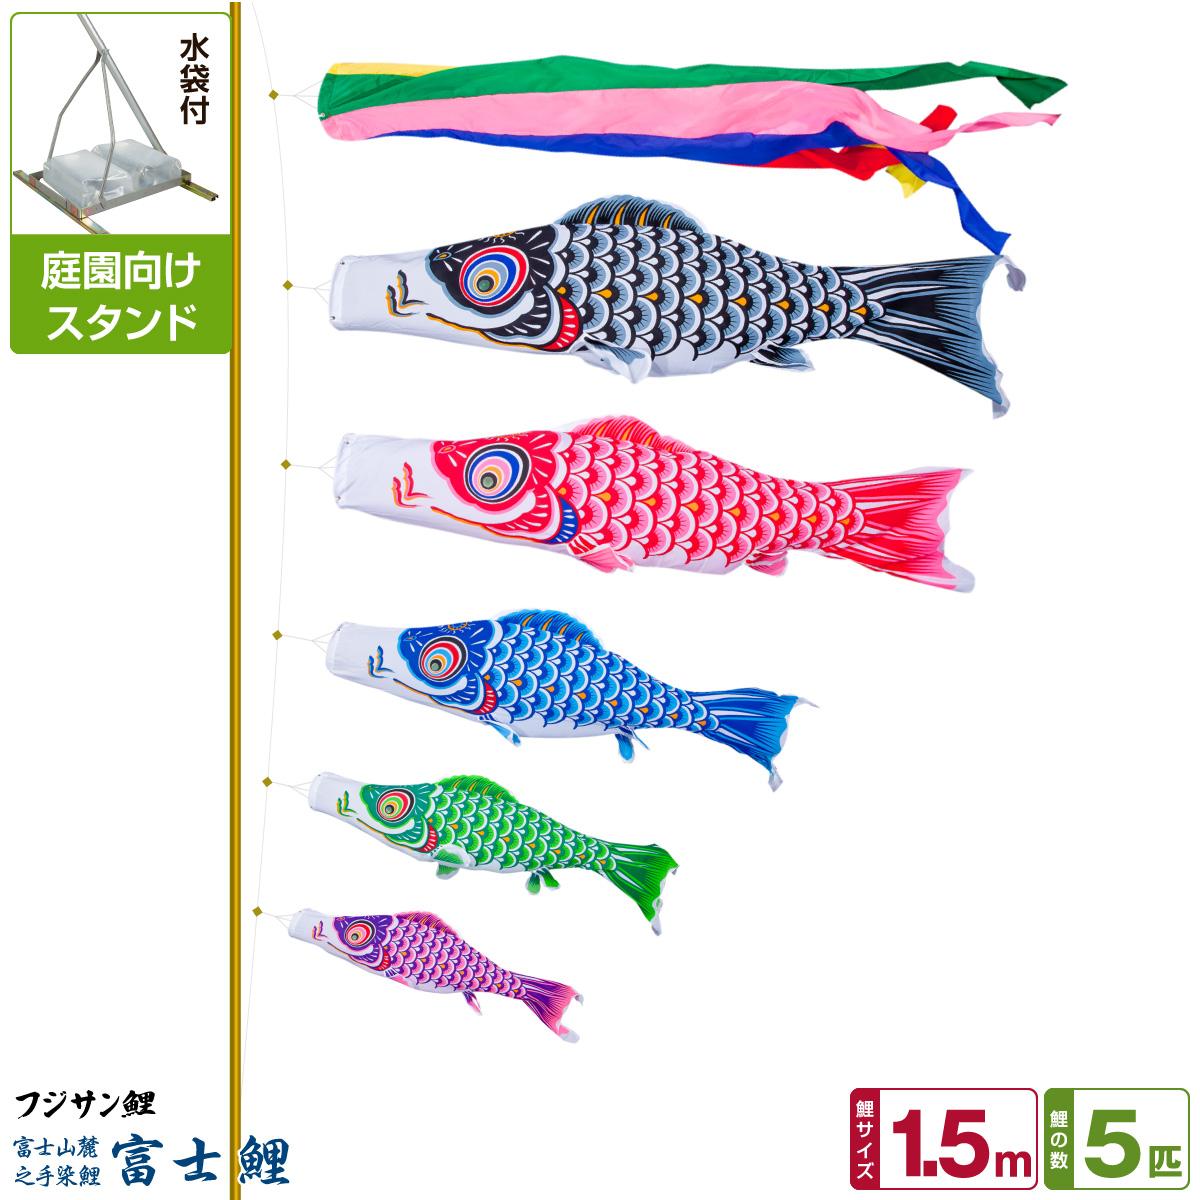 庭園用 こいのぼり 鯉のぼり フジサン鯉 富士鯉 1.5m 8点セット(吹流し+鯉5匹+矢車+ロープ) 庭園 ポール付属 ガーデンスタンドセット